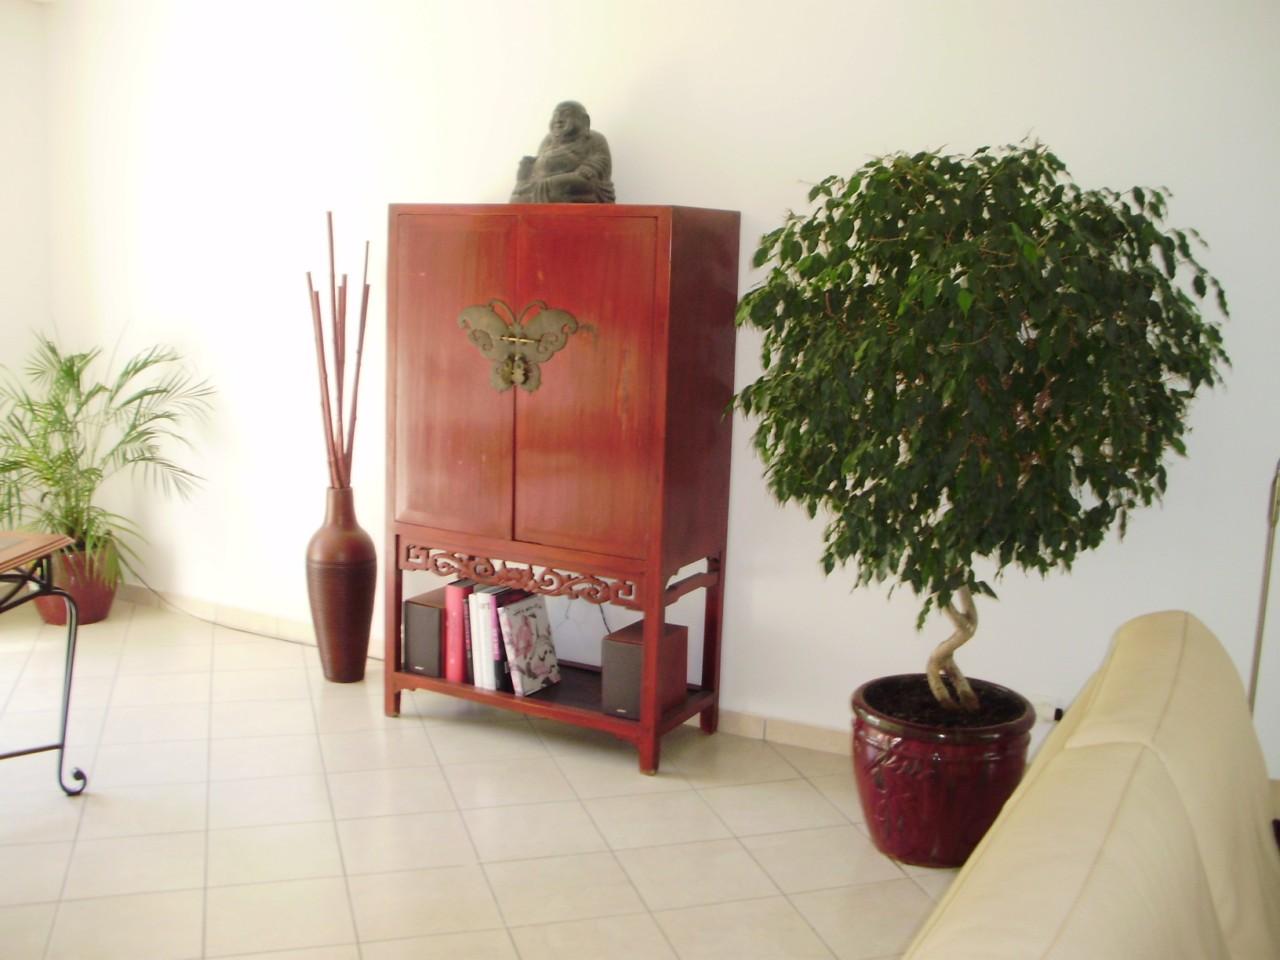 Rue de siam chez vous - Chez Claude à Plougastel-Daoulas (29) - Armoire chinoise ancienne